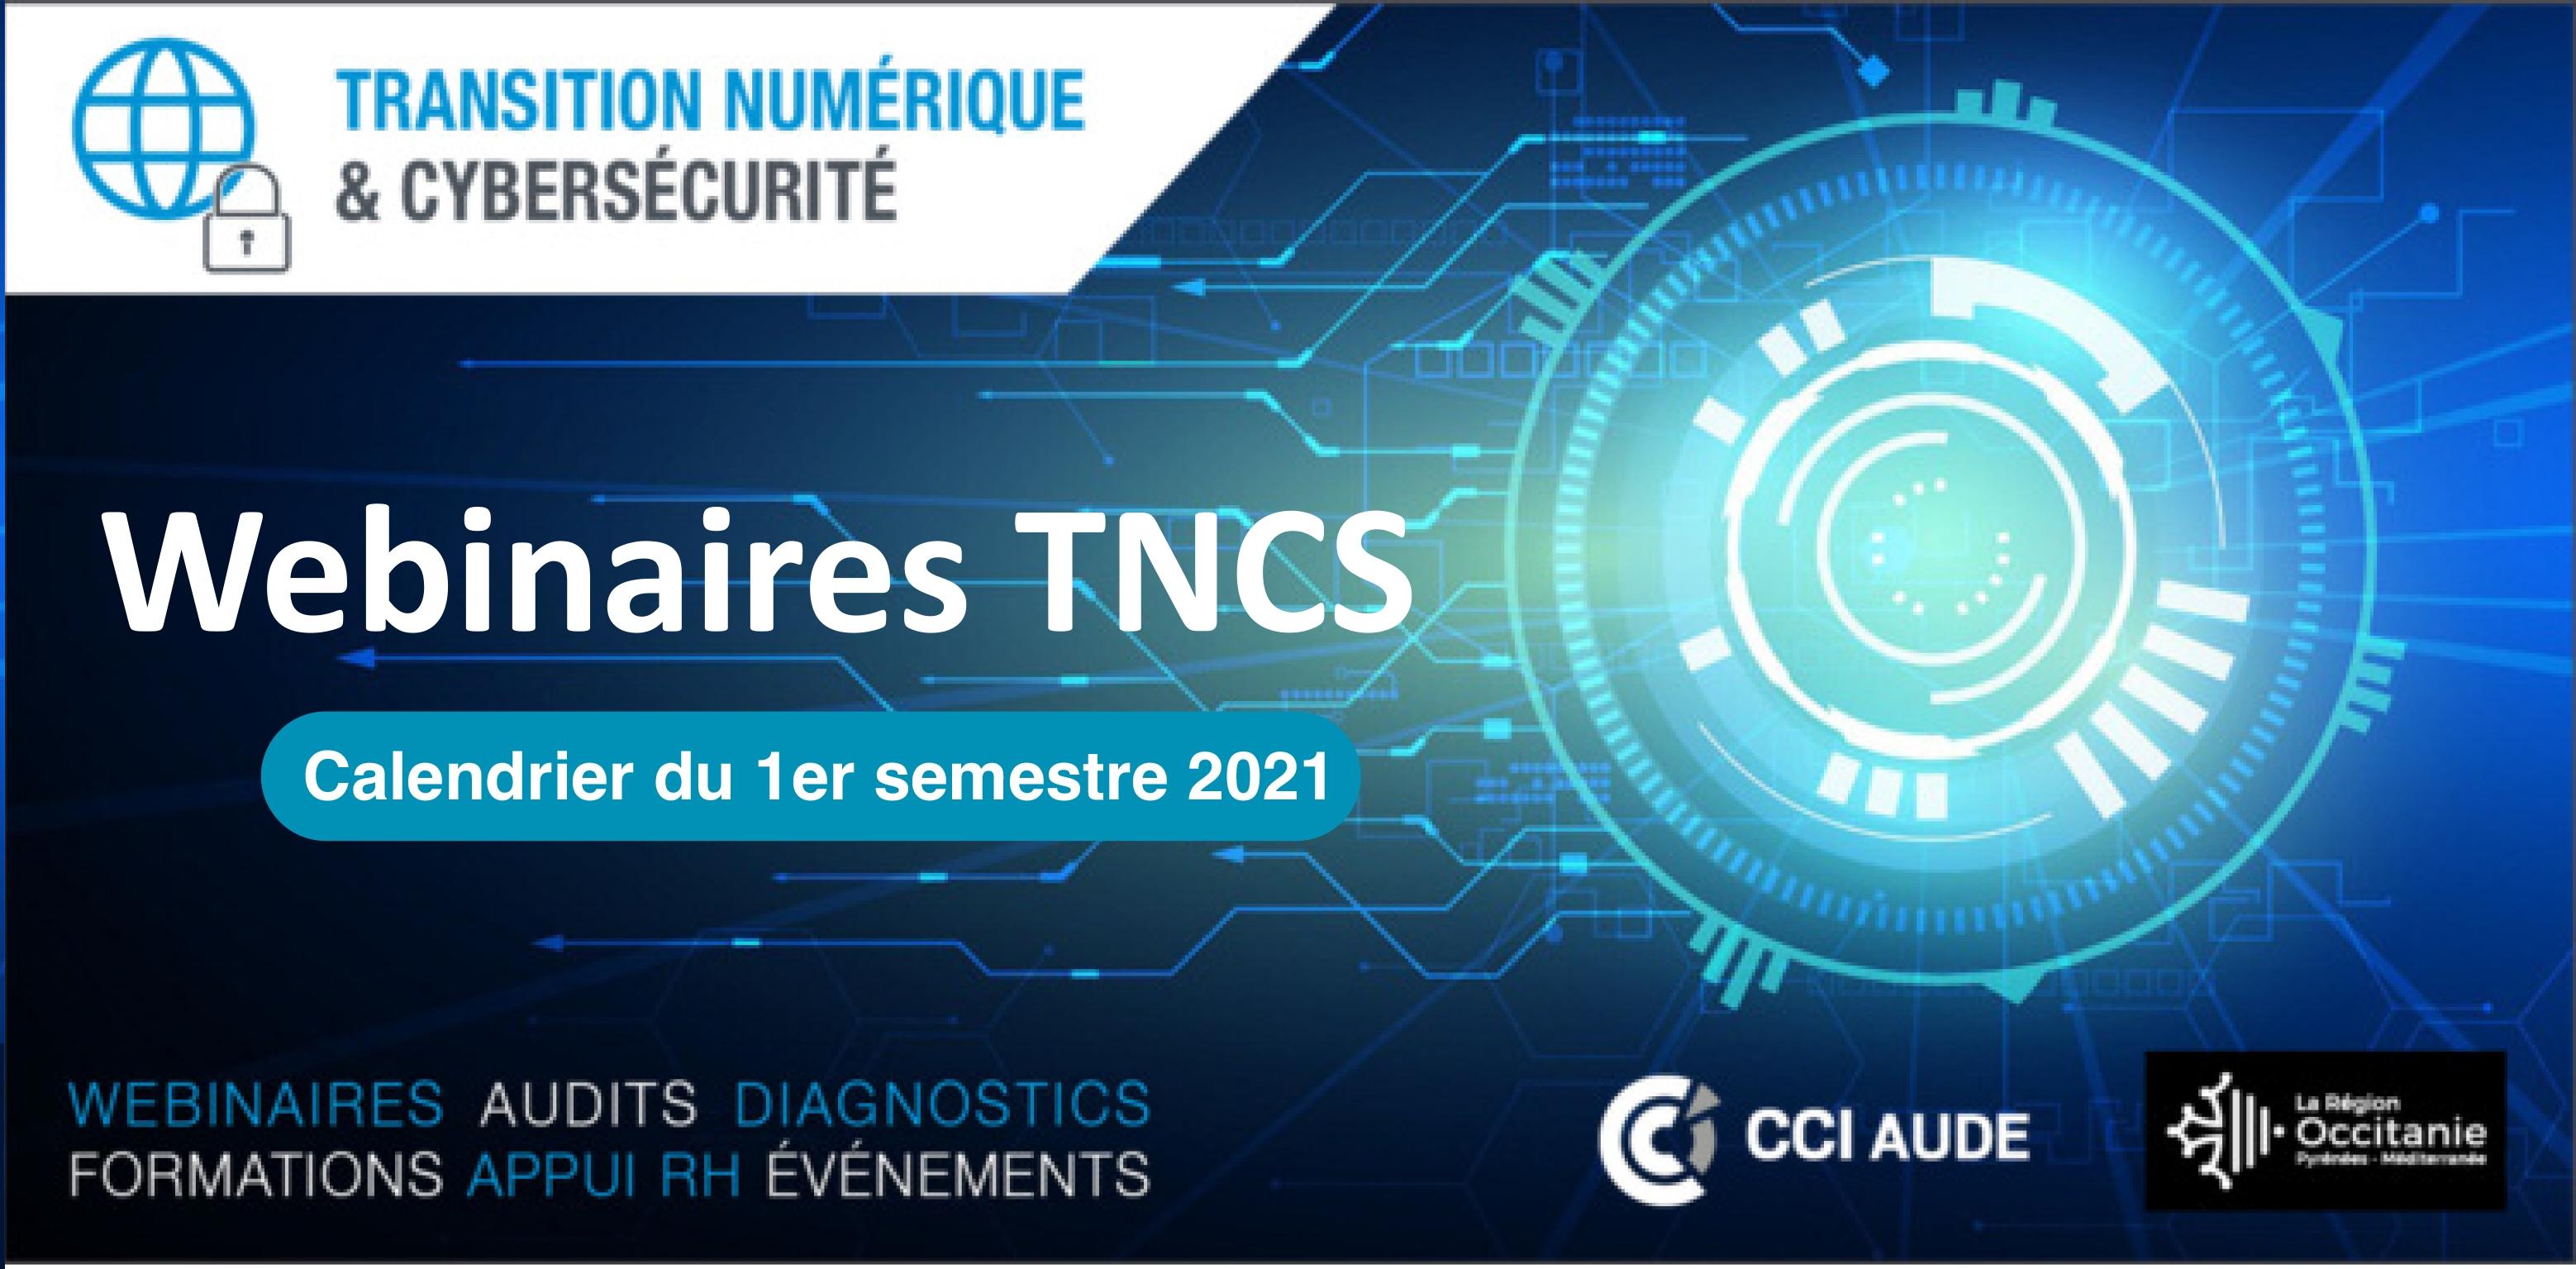 2021 Webinaires NTCS 1er Semetre visuel